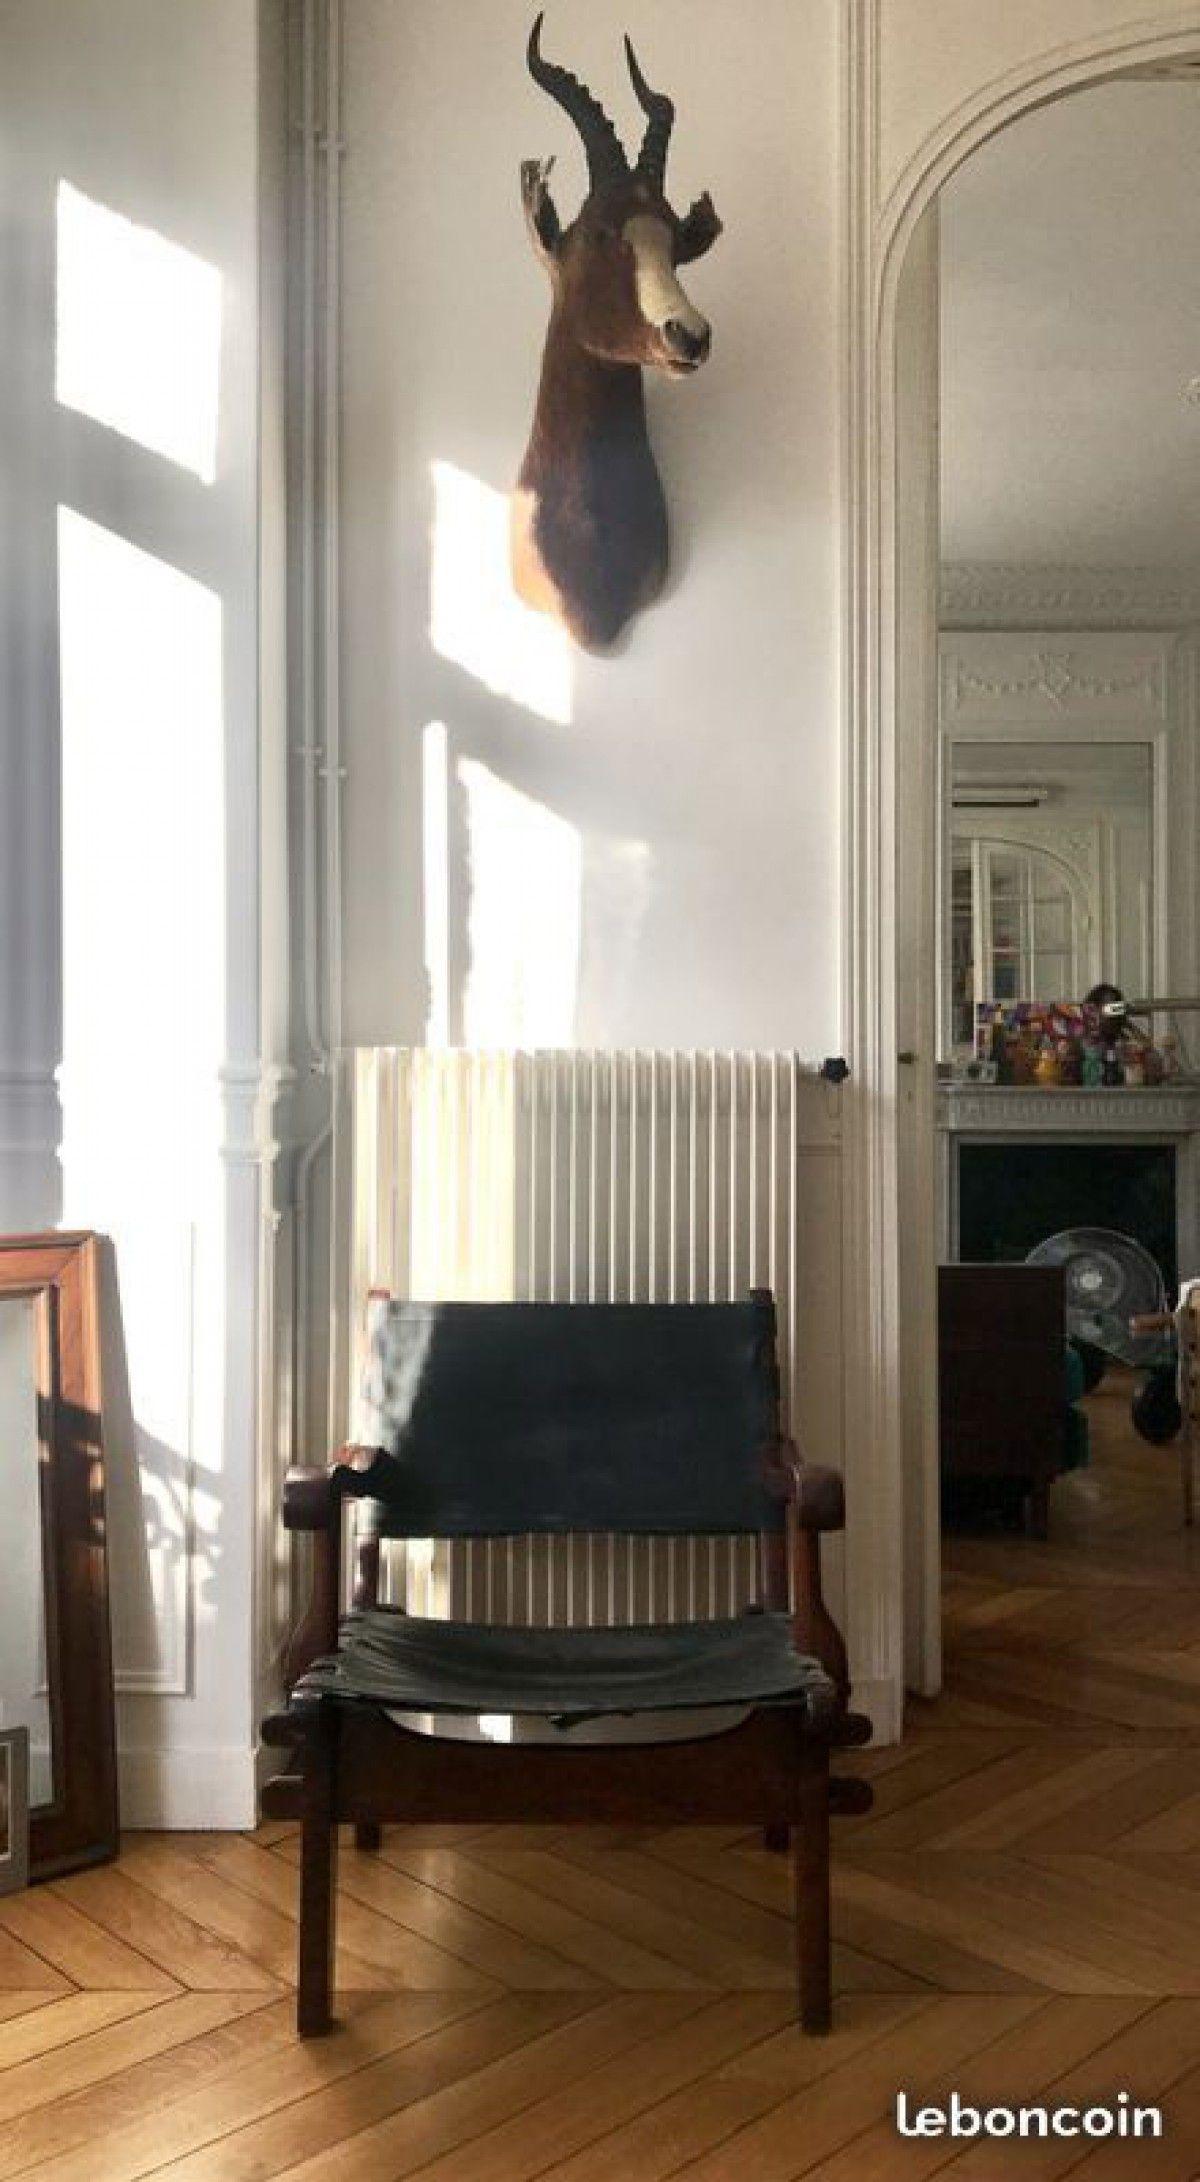 Bonjour Je Vends Un Fauteuil Safari Tres Rare Du Designer Equatotien Angel Pazmino En Palissandre De Rio Et Cuir Noir Il Dat Mobilier Design Mobilier Fauteuil